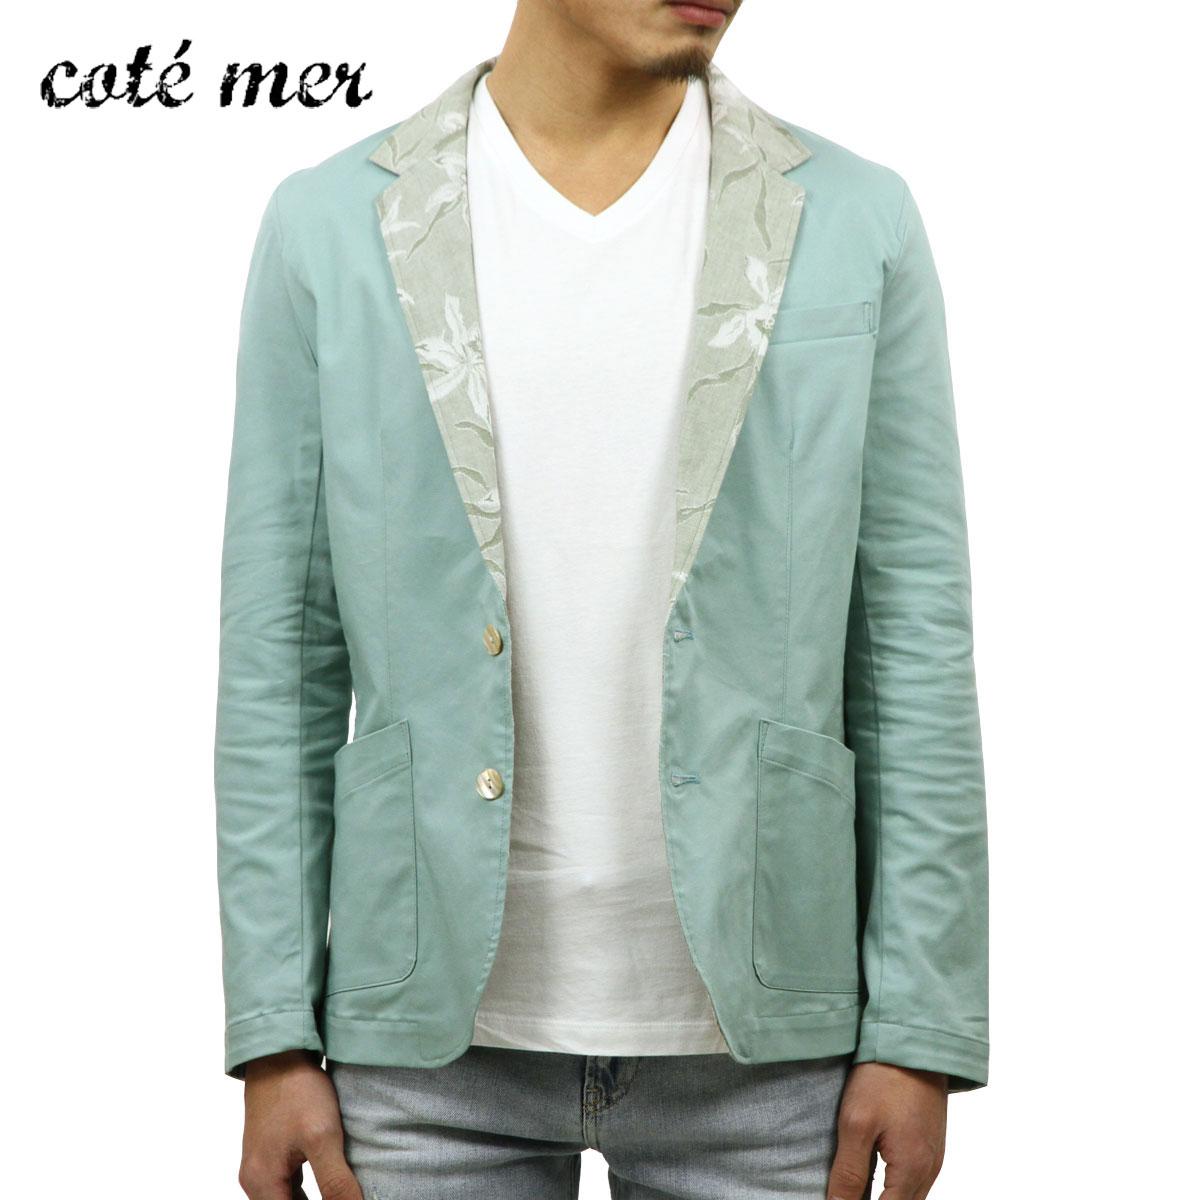 【販売期間 3/2 19:00~3/8 9:59】 コートメール Cotemer 正規販売店 メンズ テーラードジャケット tailoerd jacket JK-S13-009 GREEN